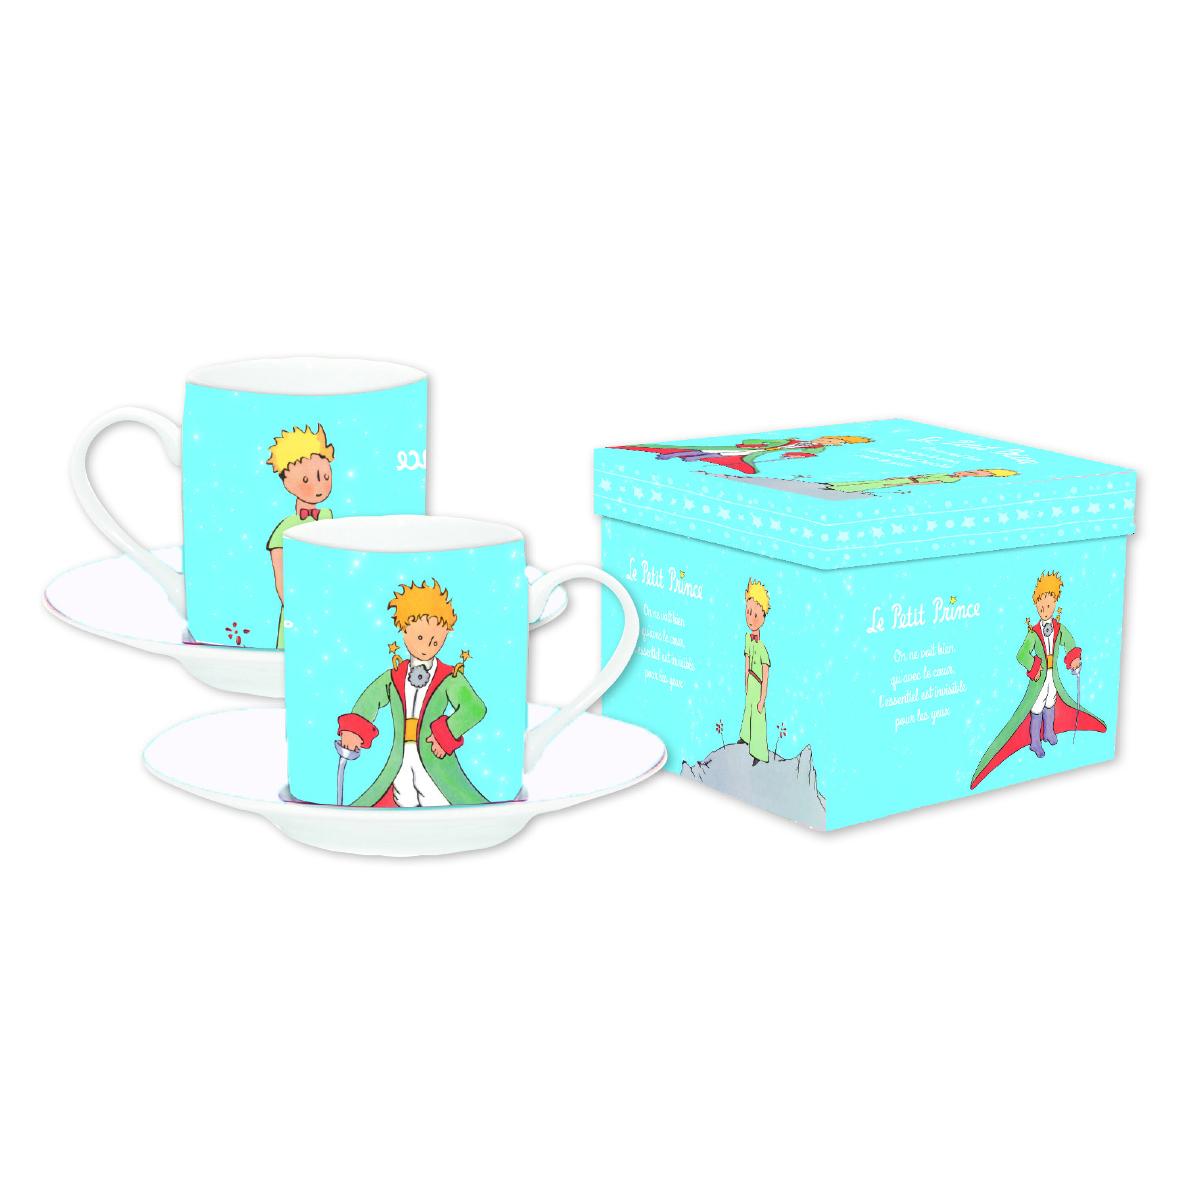 Coffret 2 tasses à café \'Le Petit Prince\' bleu ciel - tasse 6x5 cm - [Q8509]